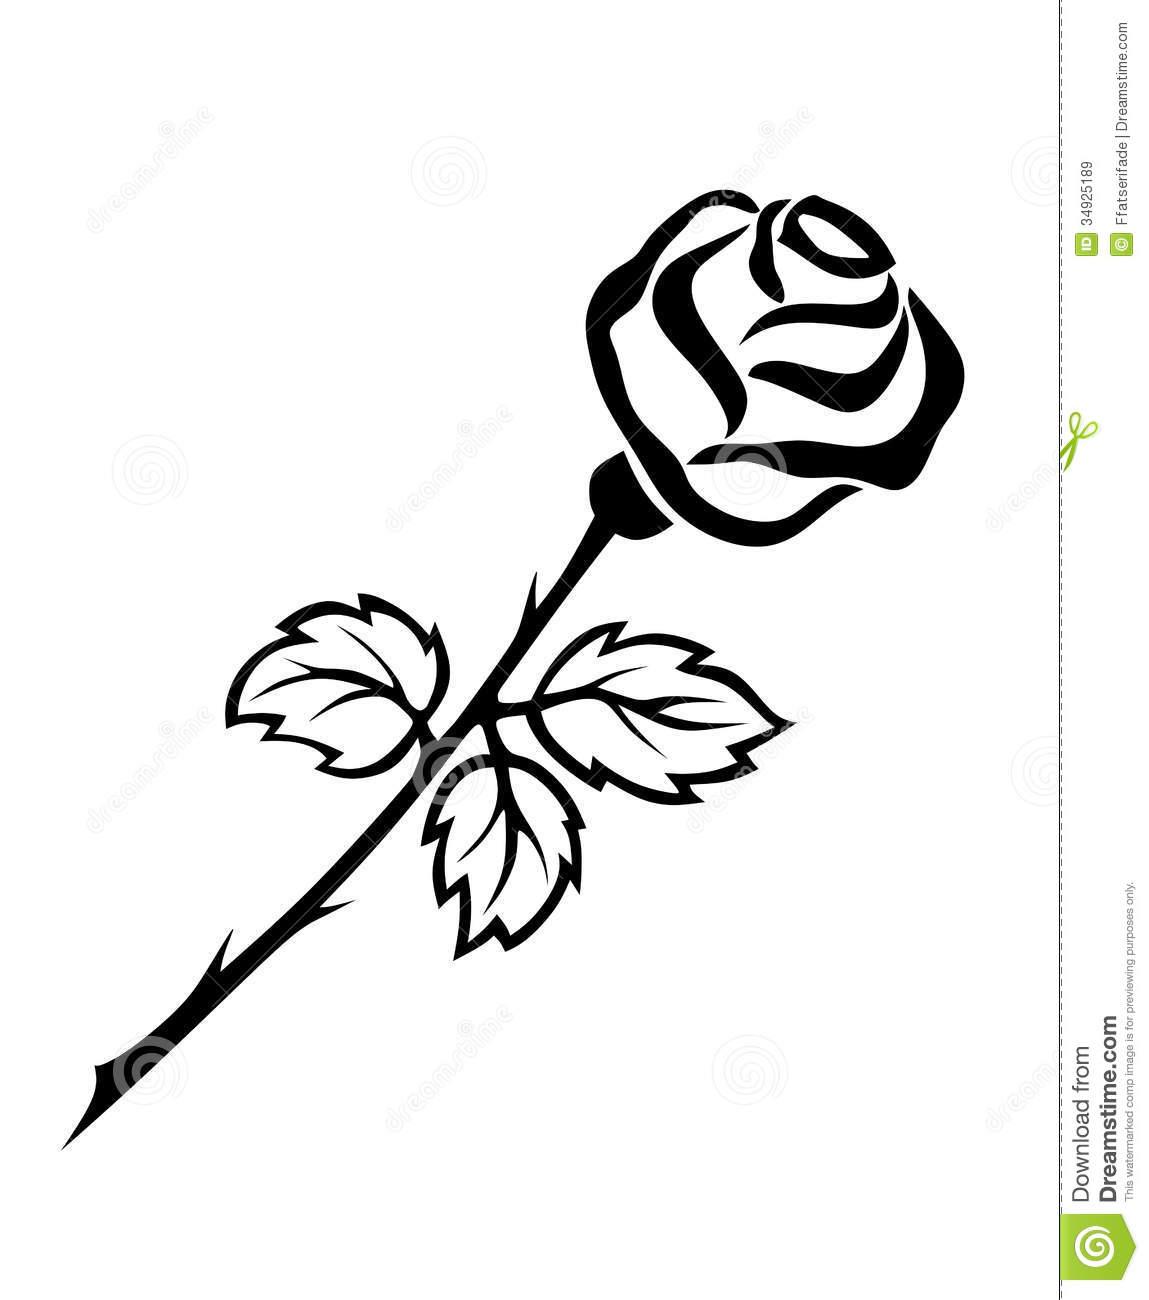 1149x1300 Hoontoidly Single Black Rose Drawings Images